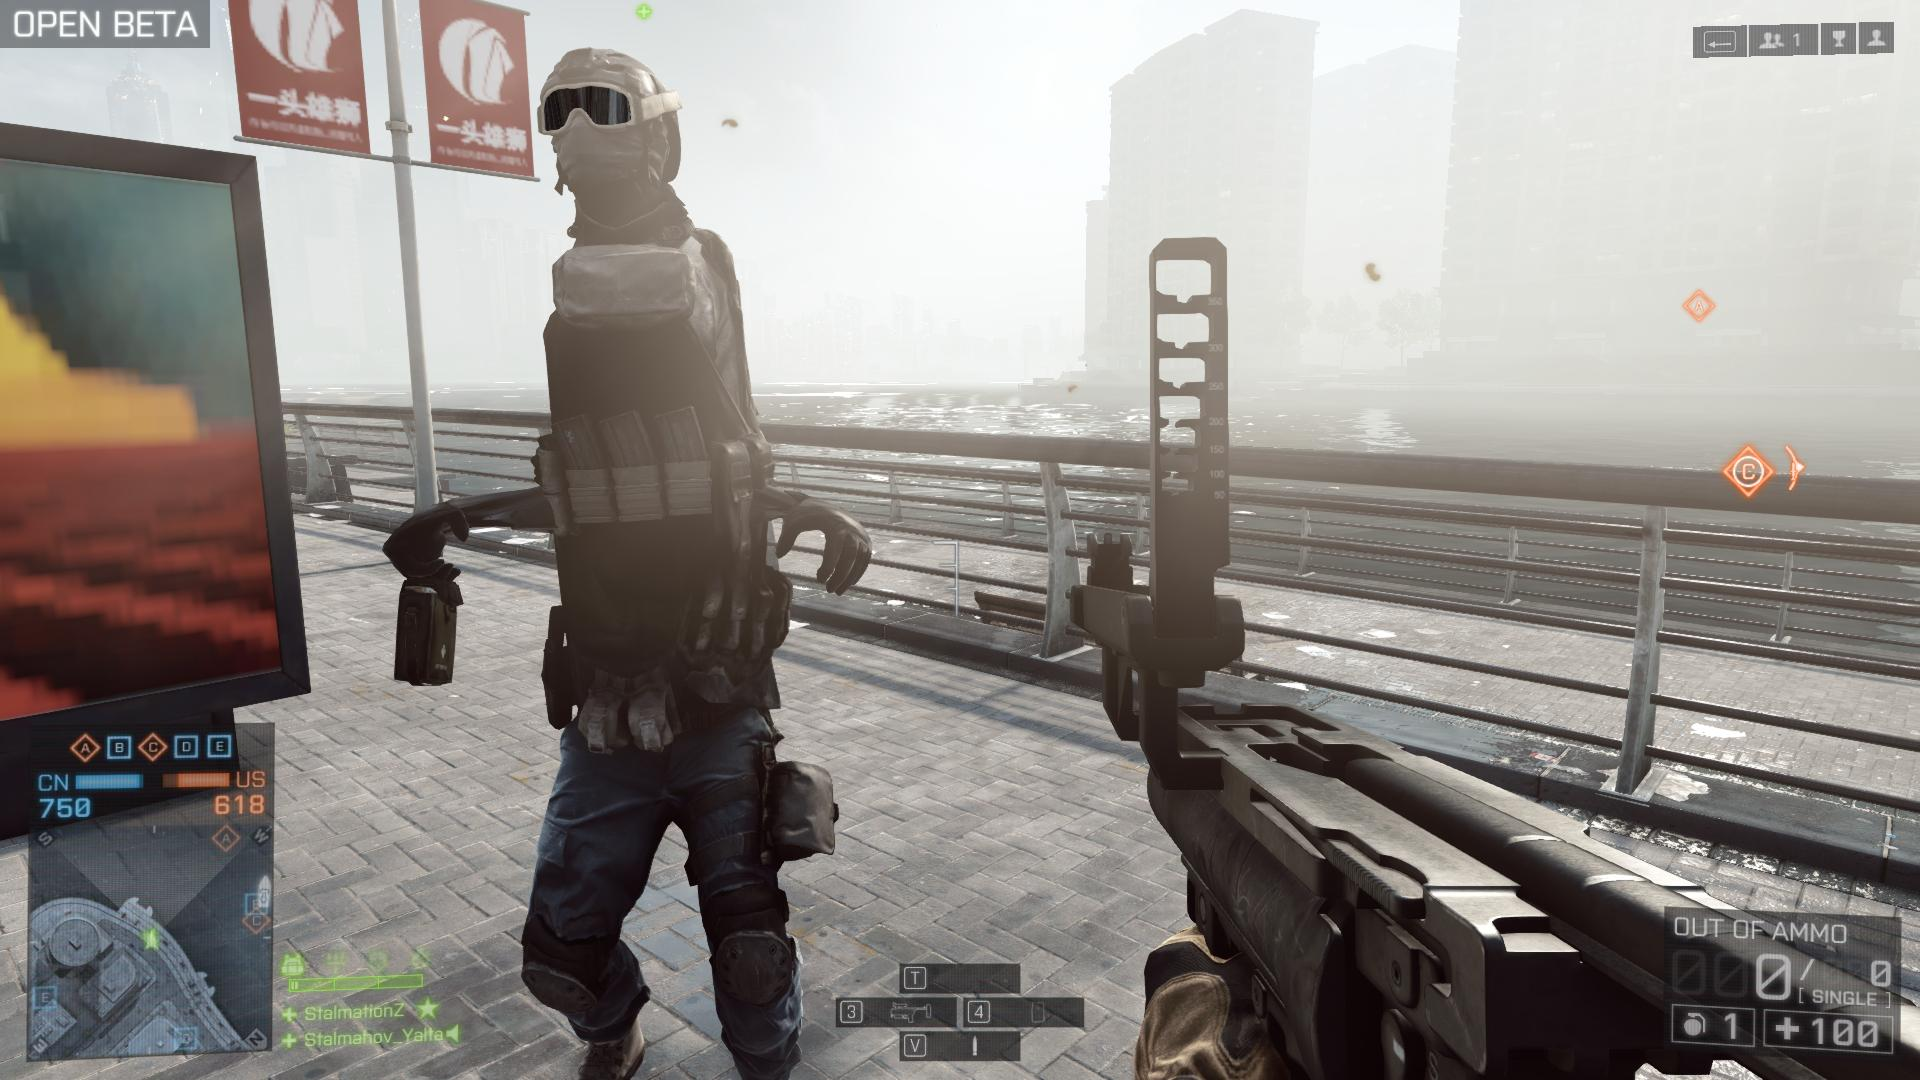 Поиграл с другом в бета тест Battlefield 4 - Изображение 1